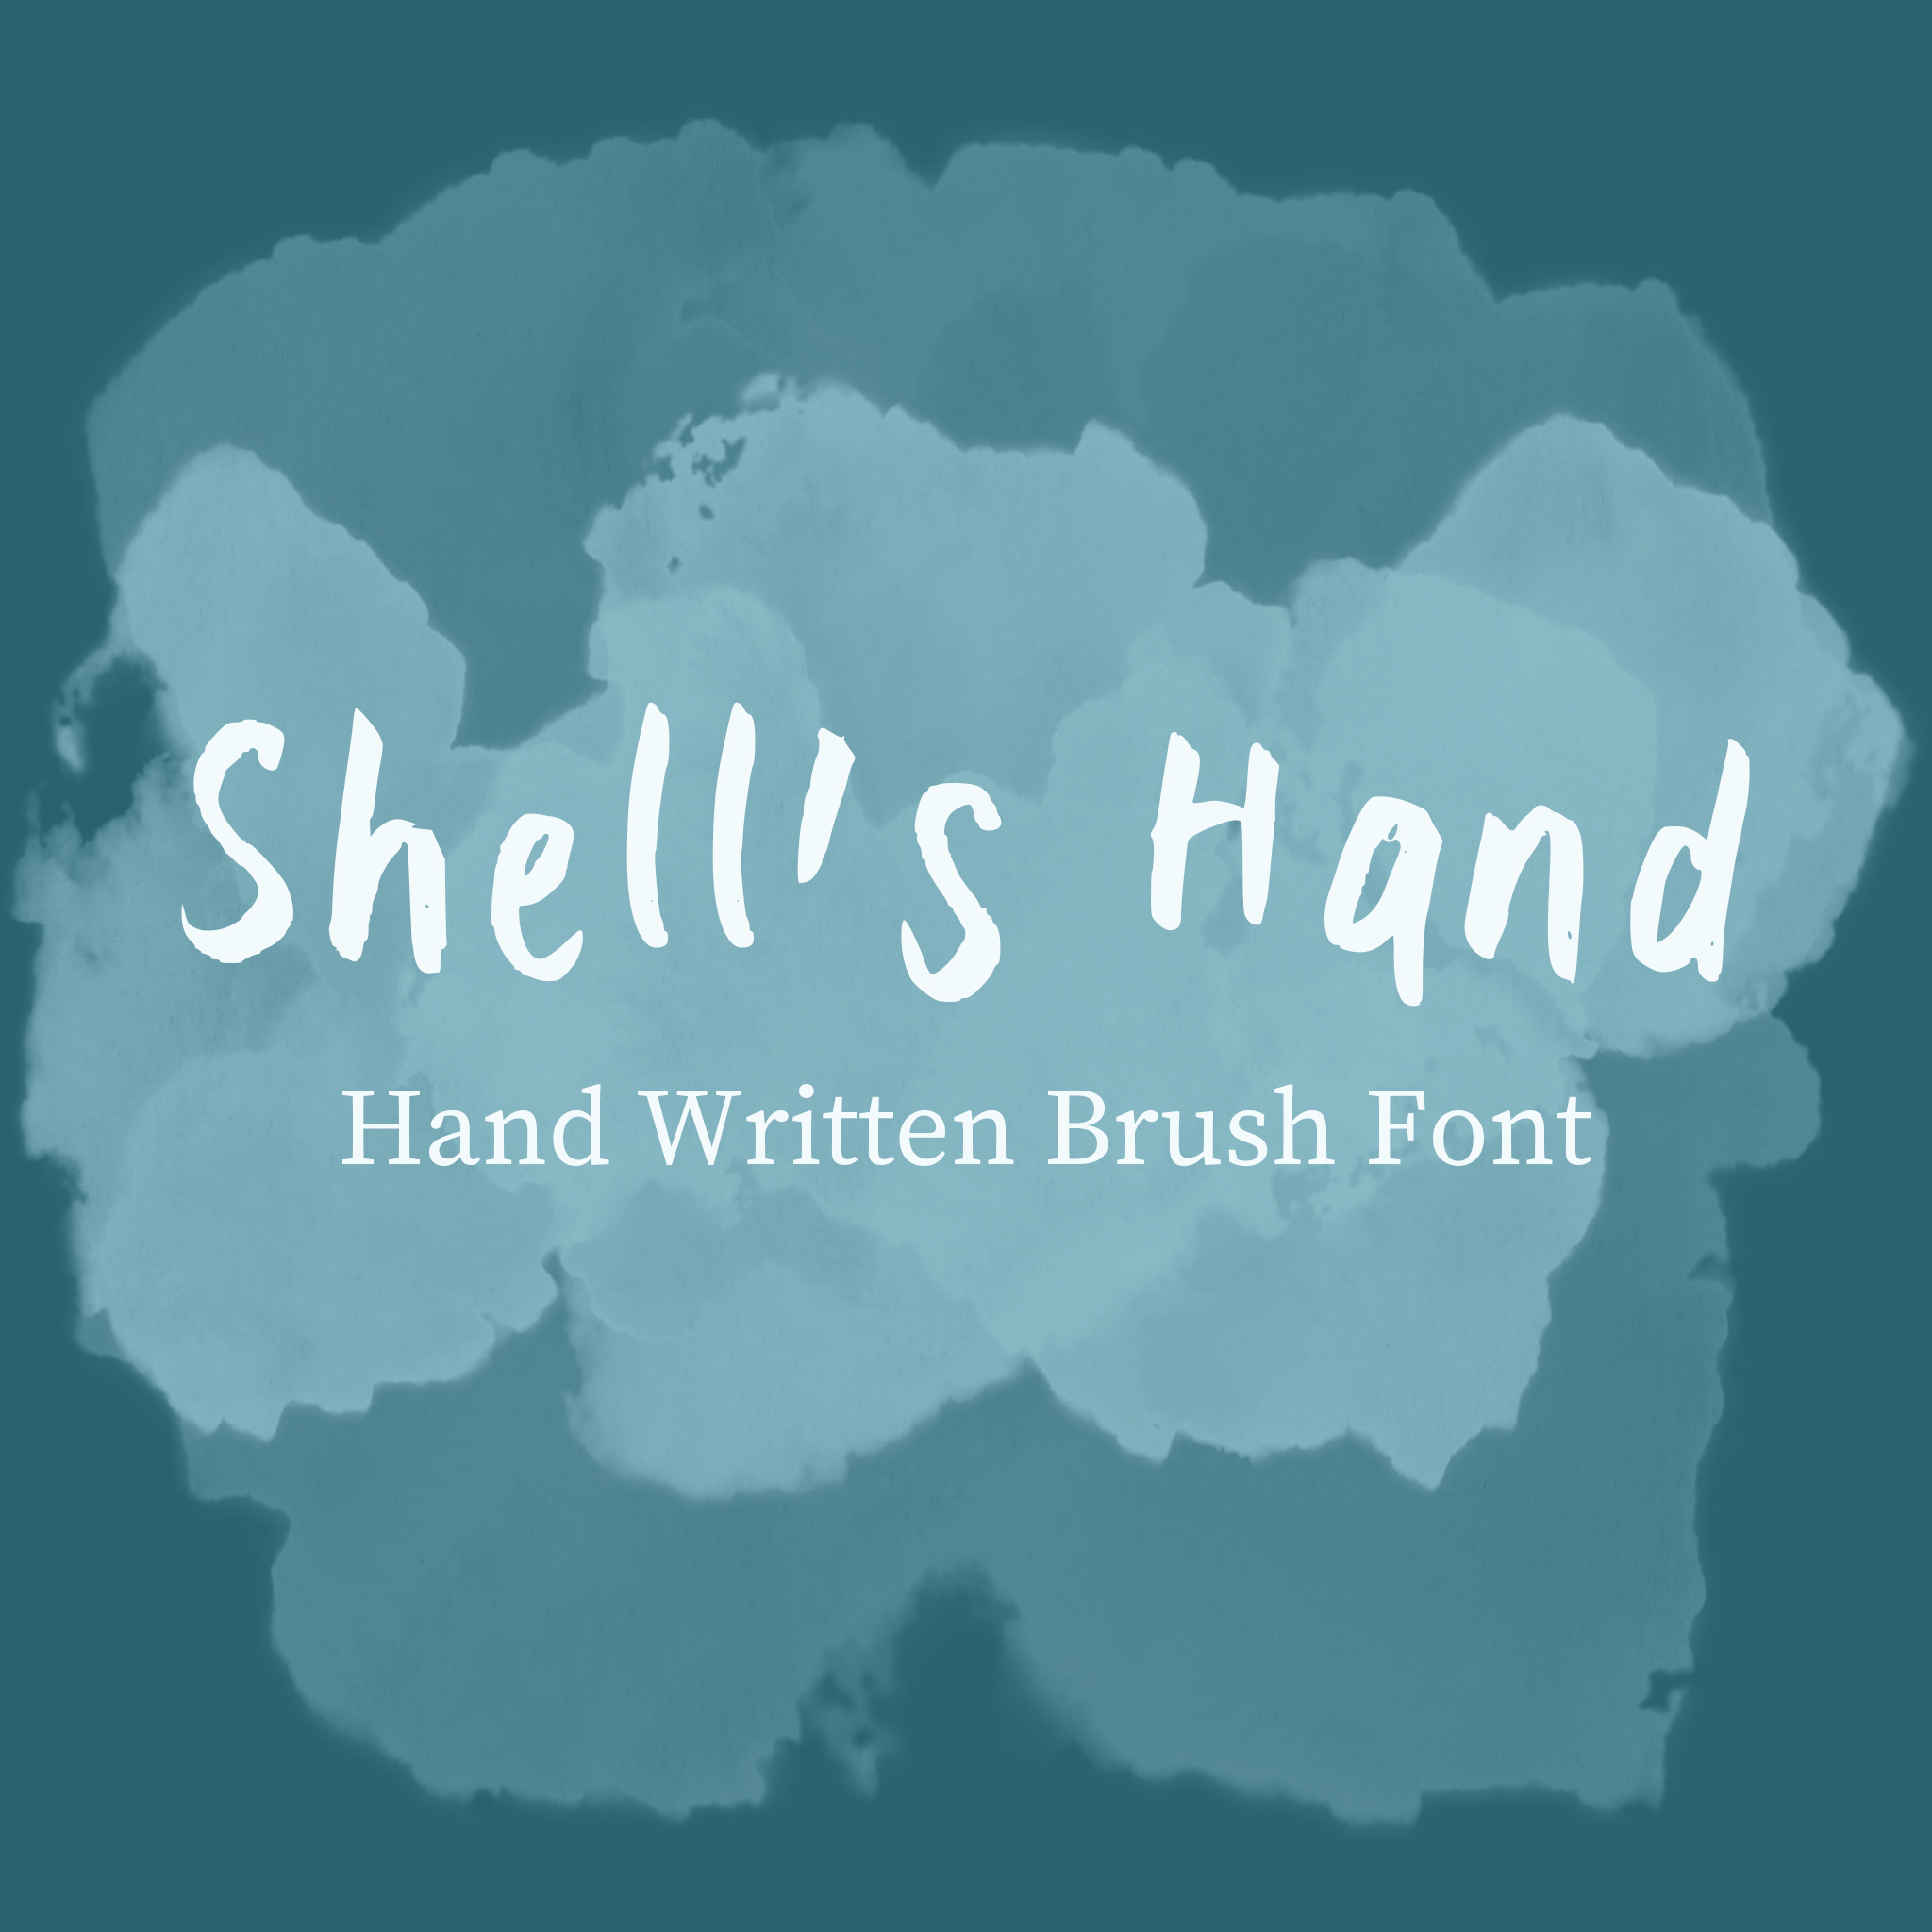 Shells Hand Font Sample